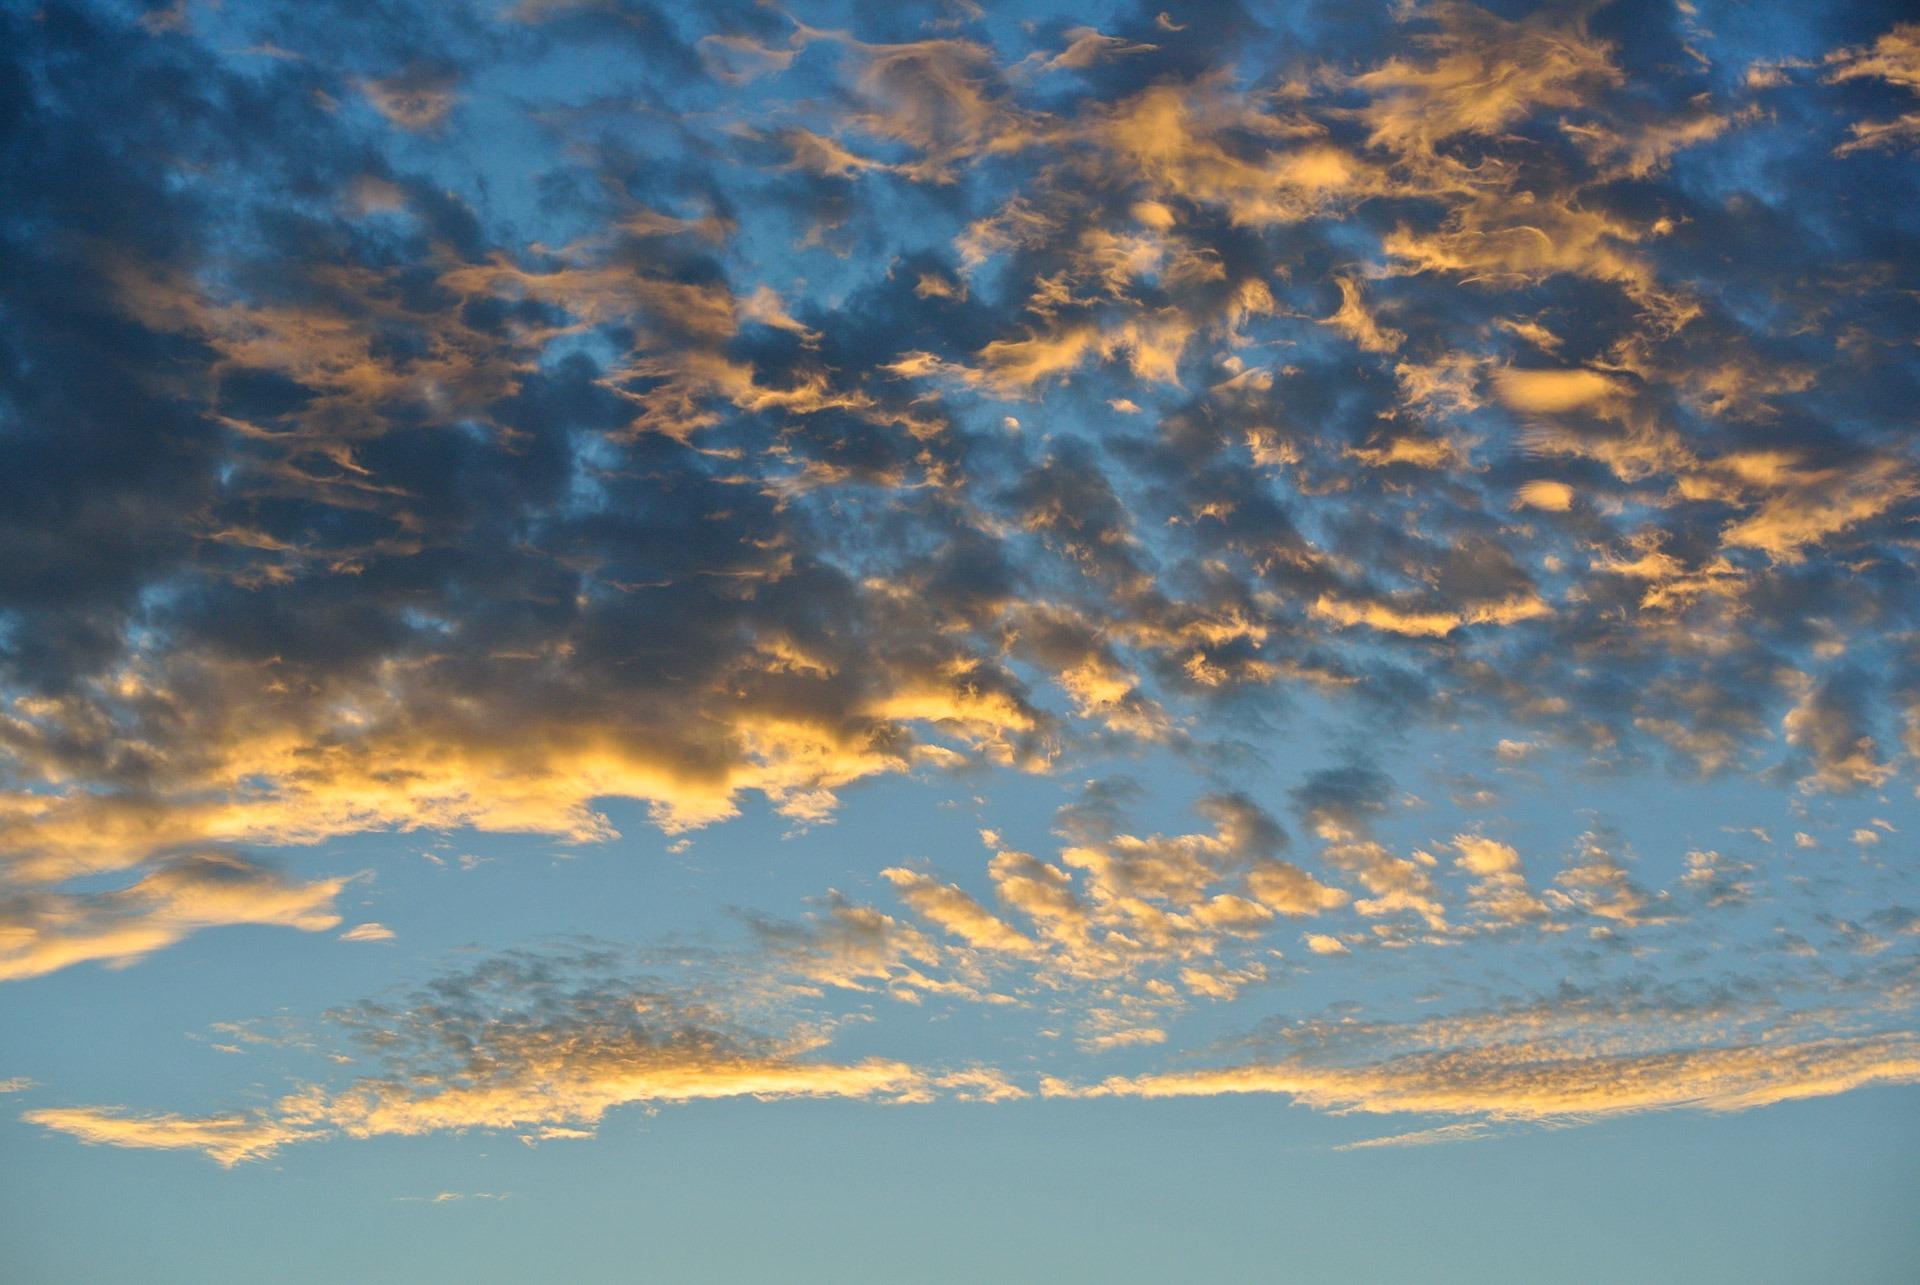 теме сделать фото на фоне облаков название